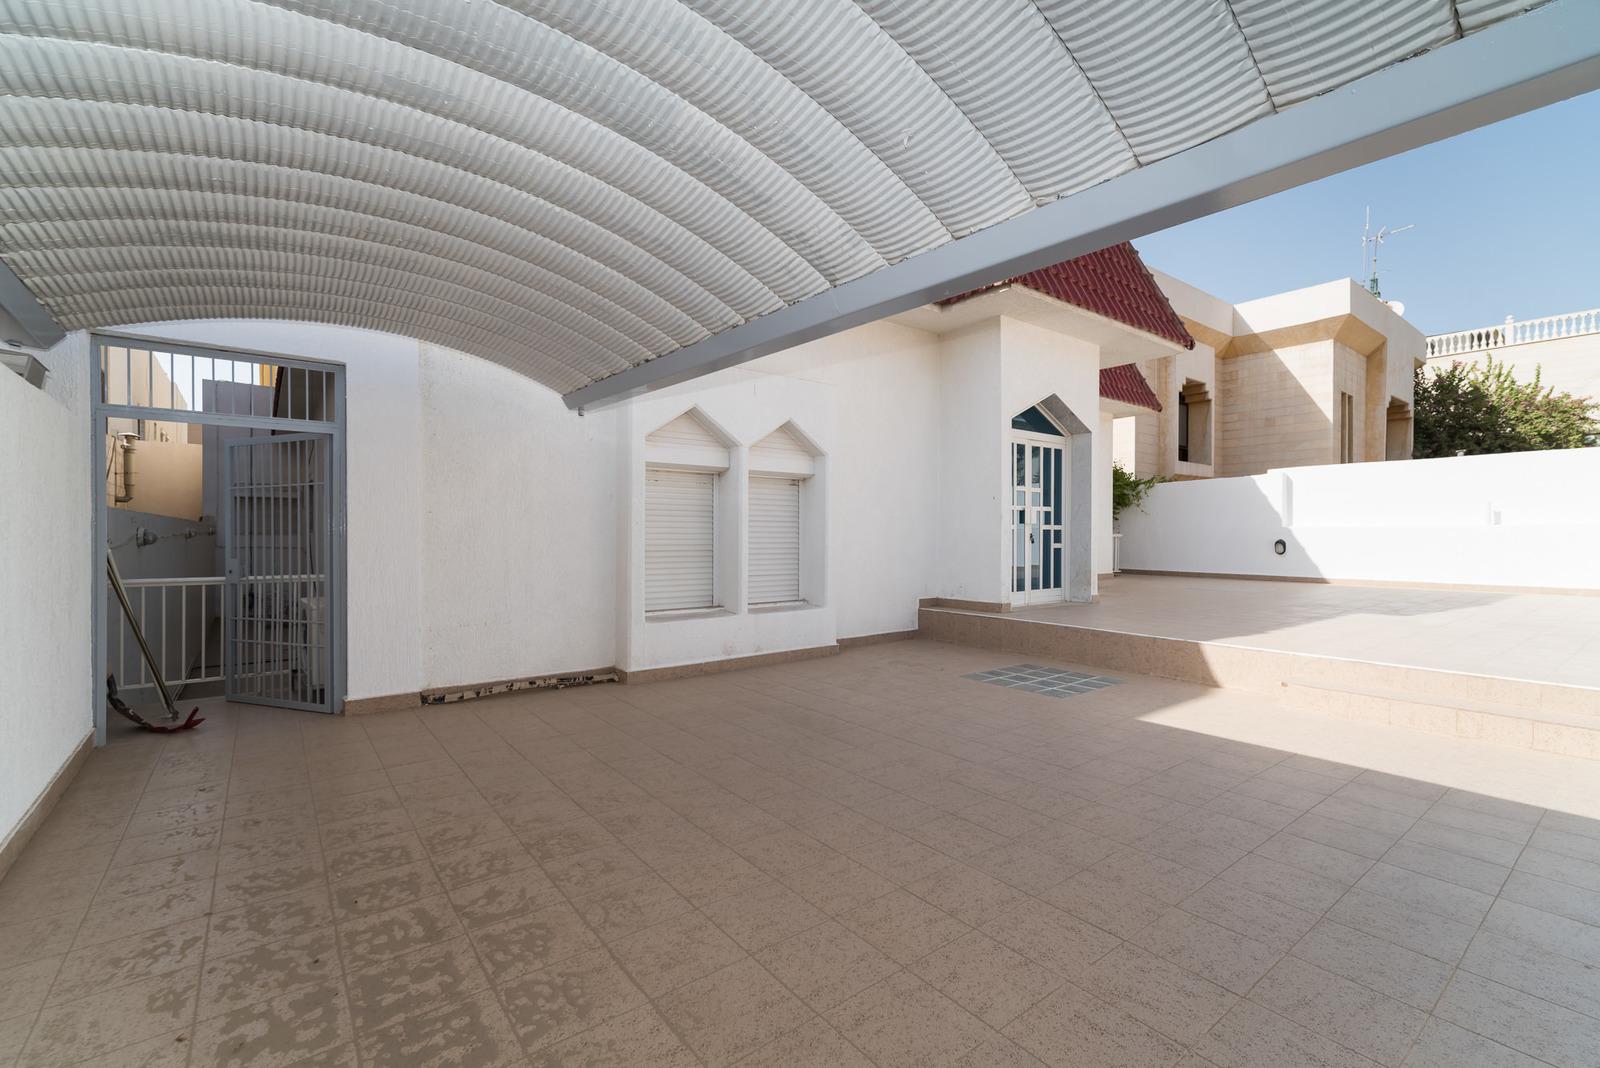 Surra – older, unfurnished, five bedroom villa w/basement and pool